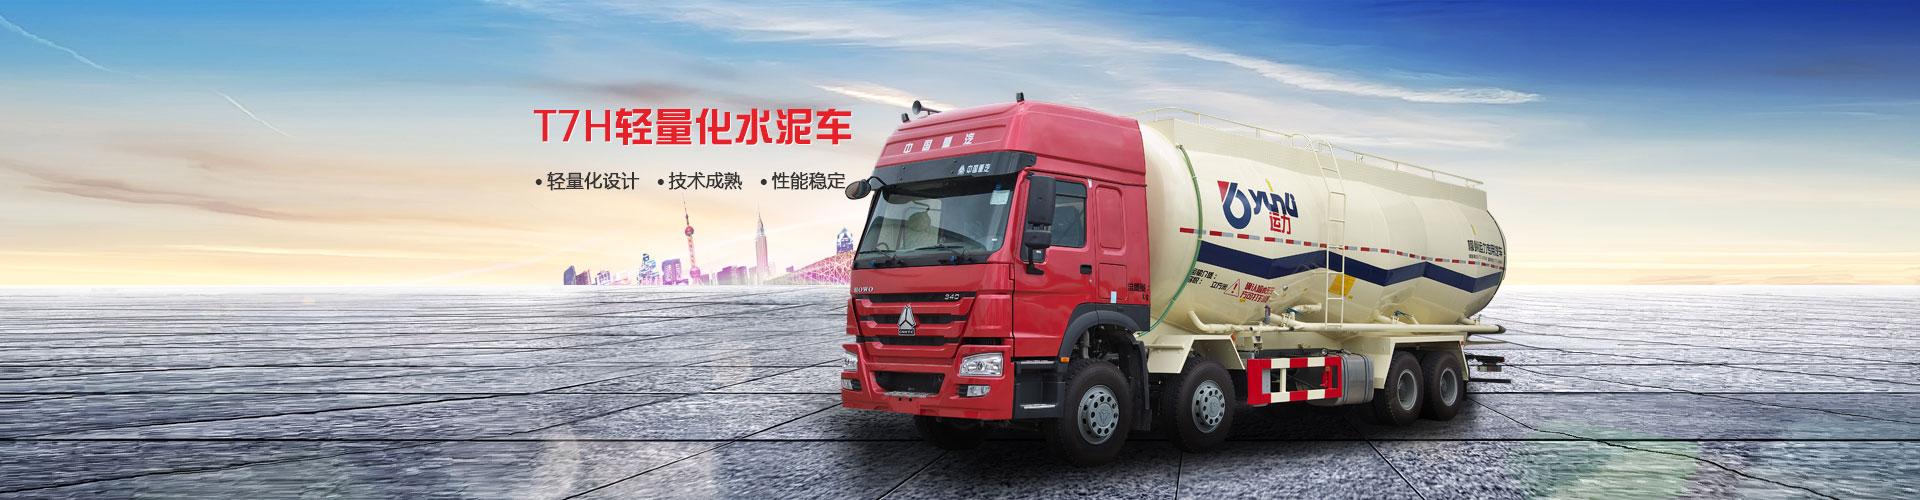 T7H轻量化水泥车